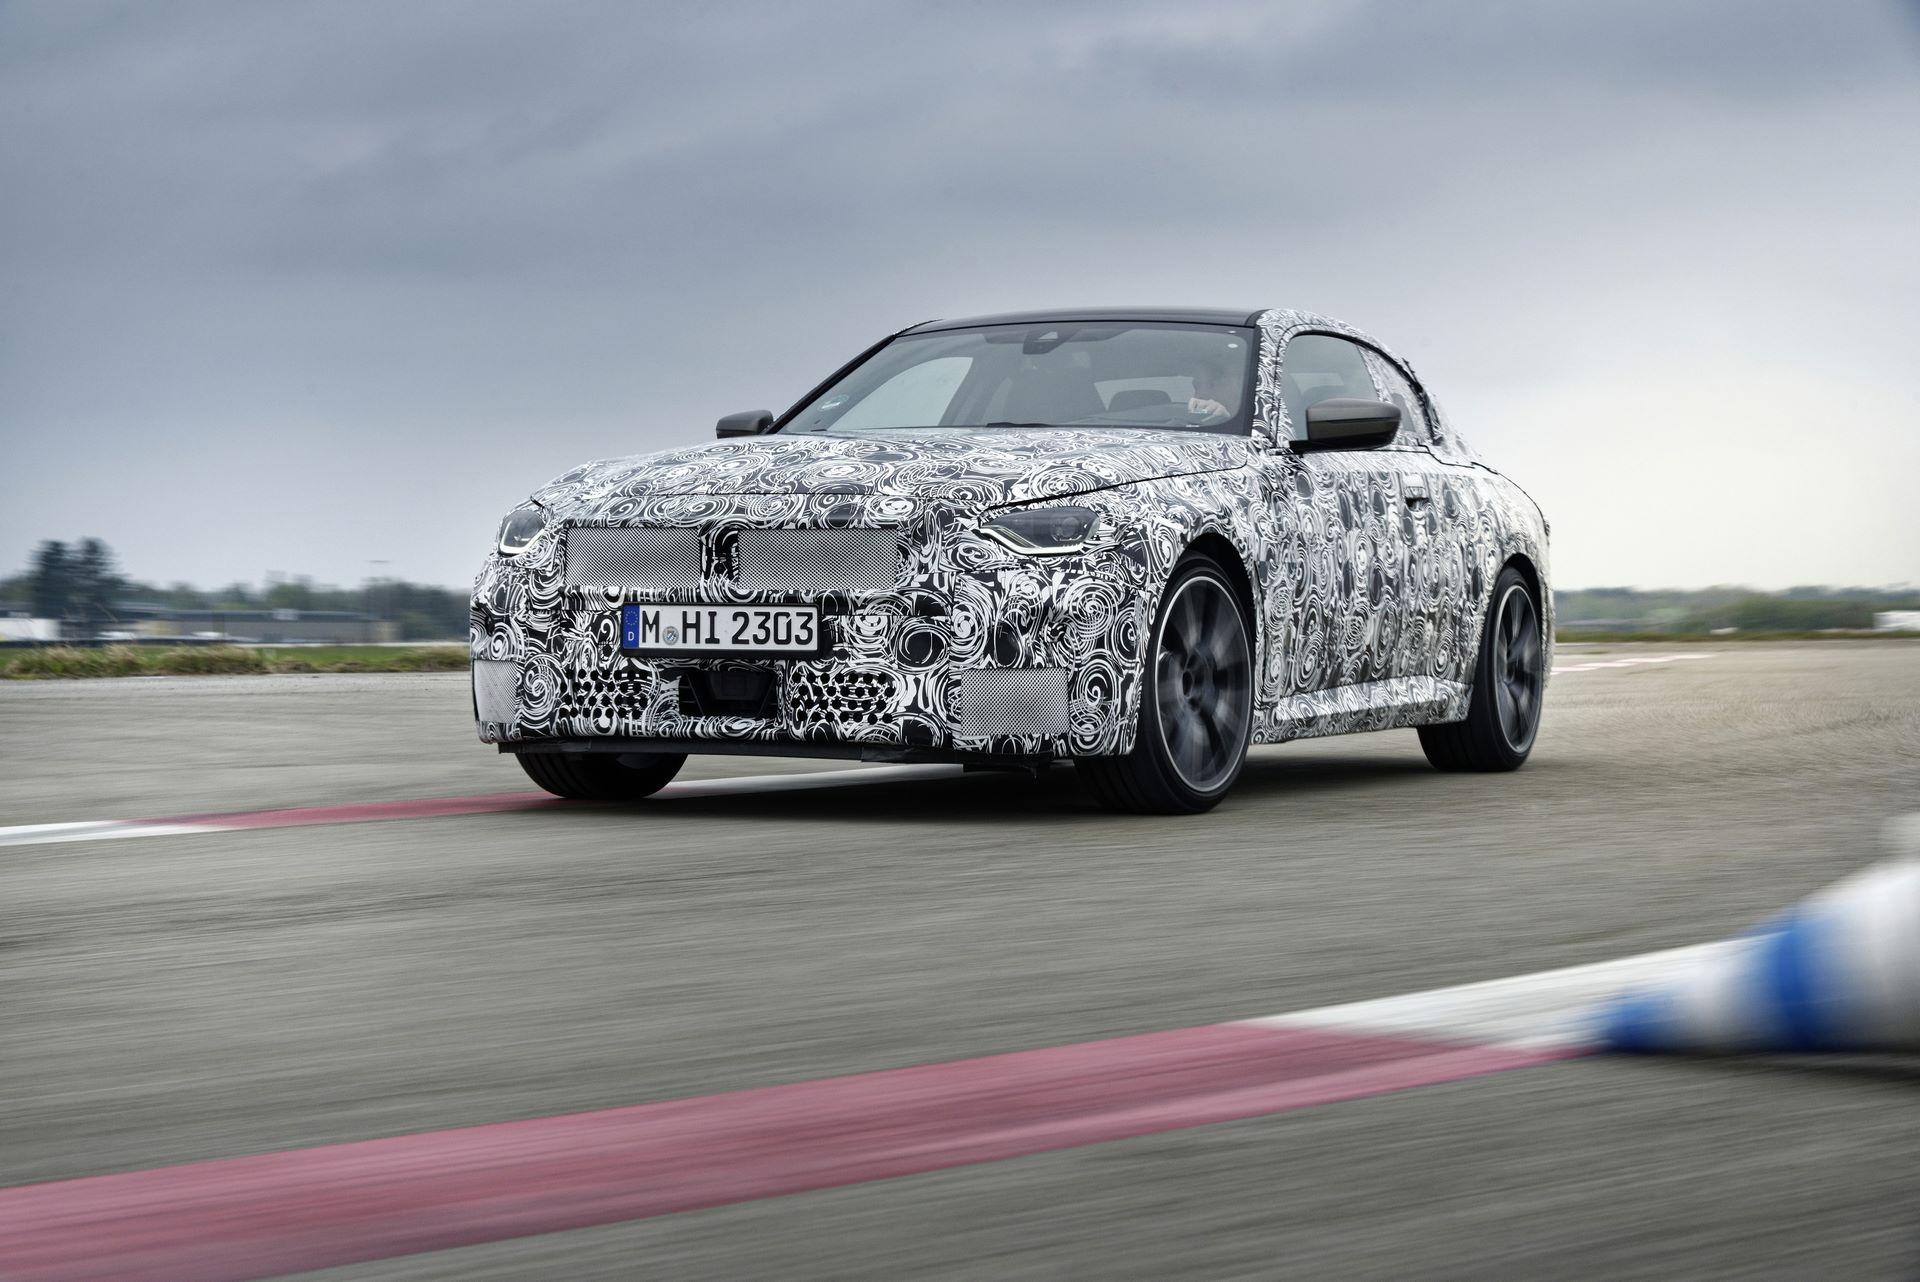 BMW-2-Series-M240i-spy-photos-83